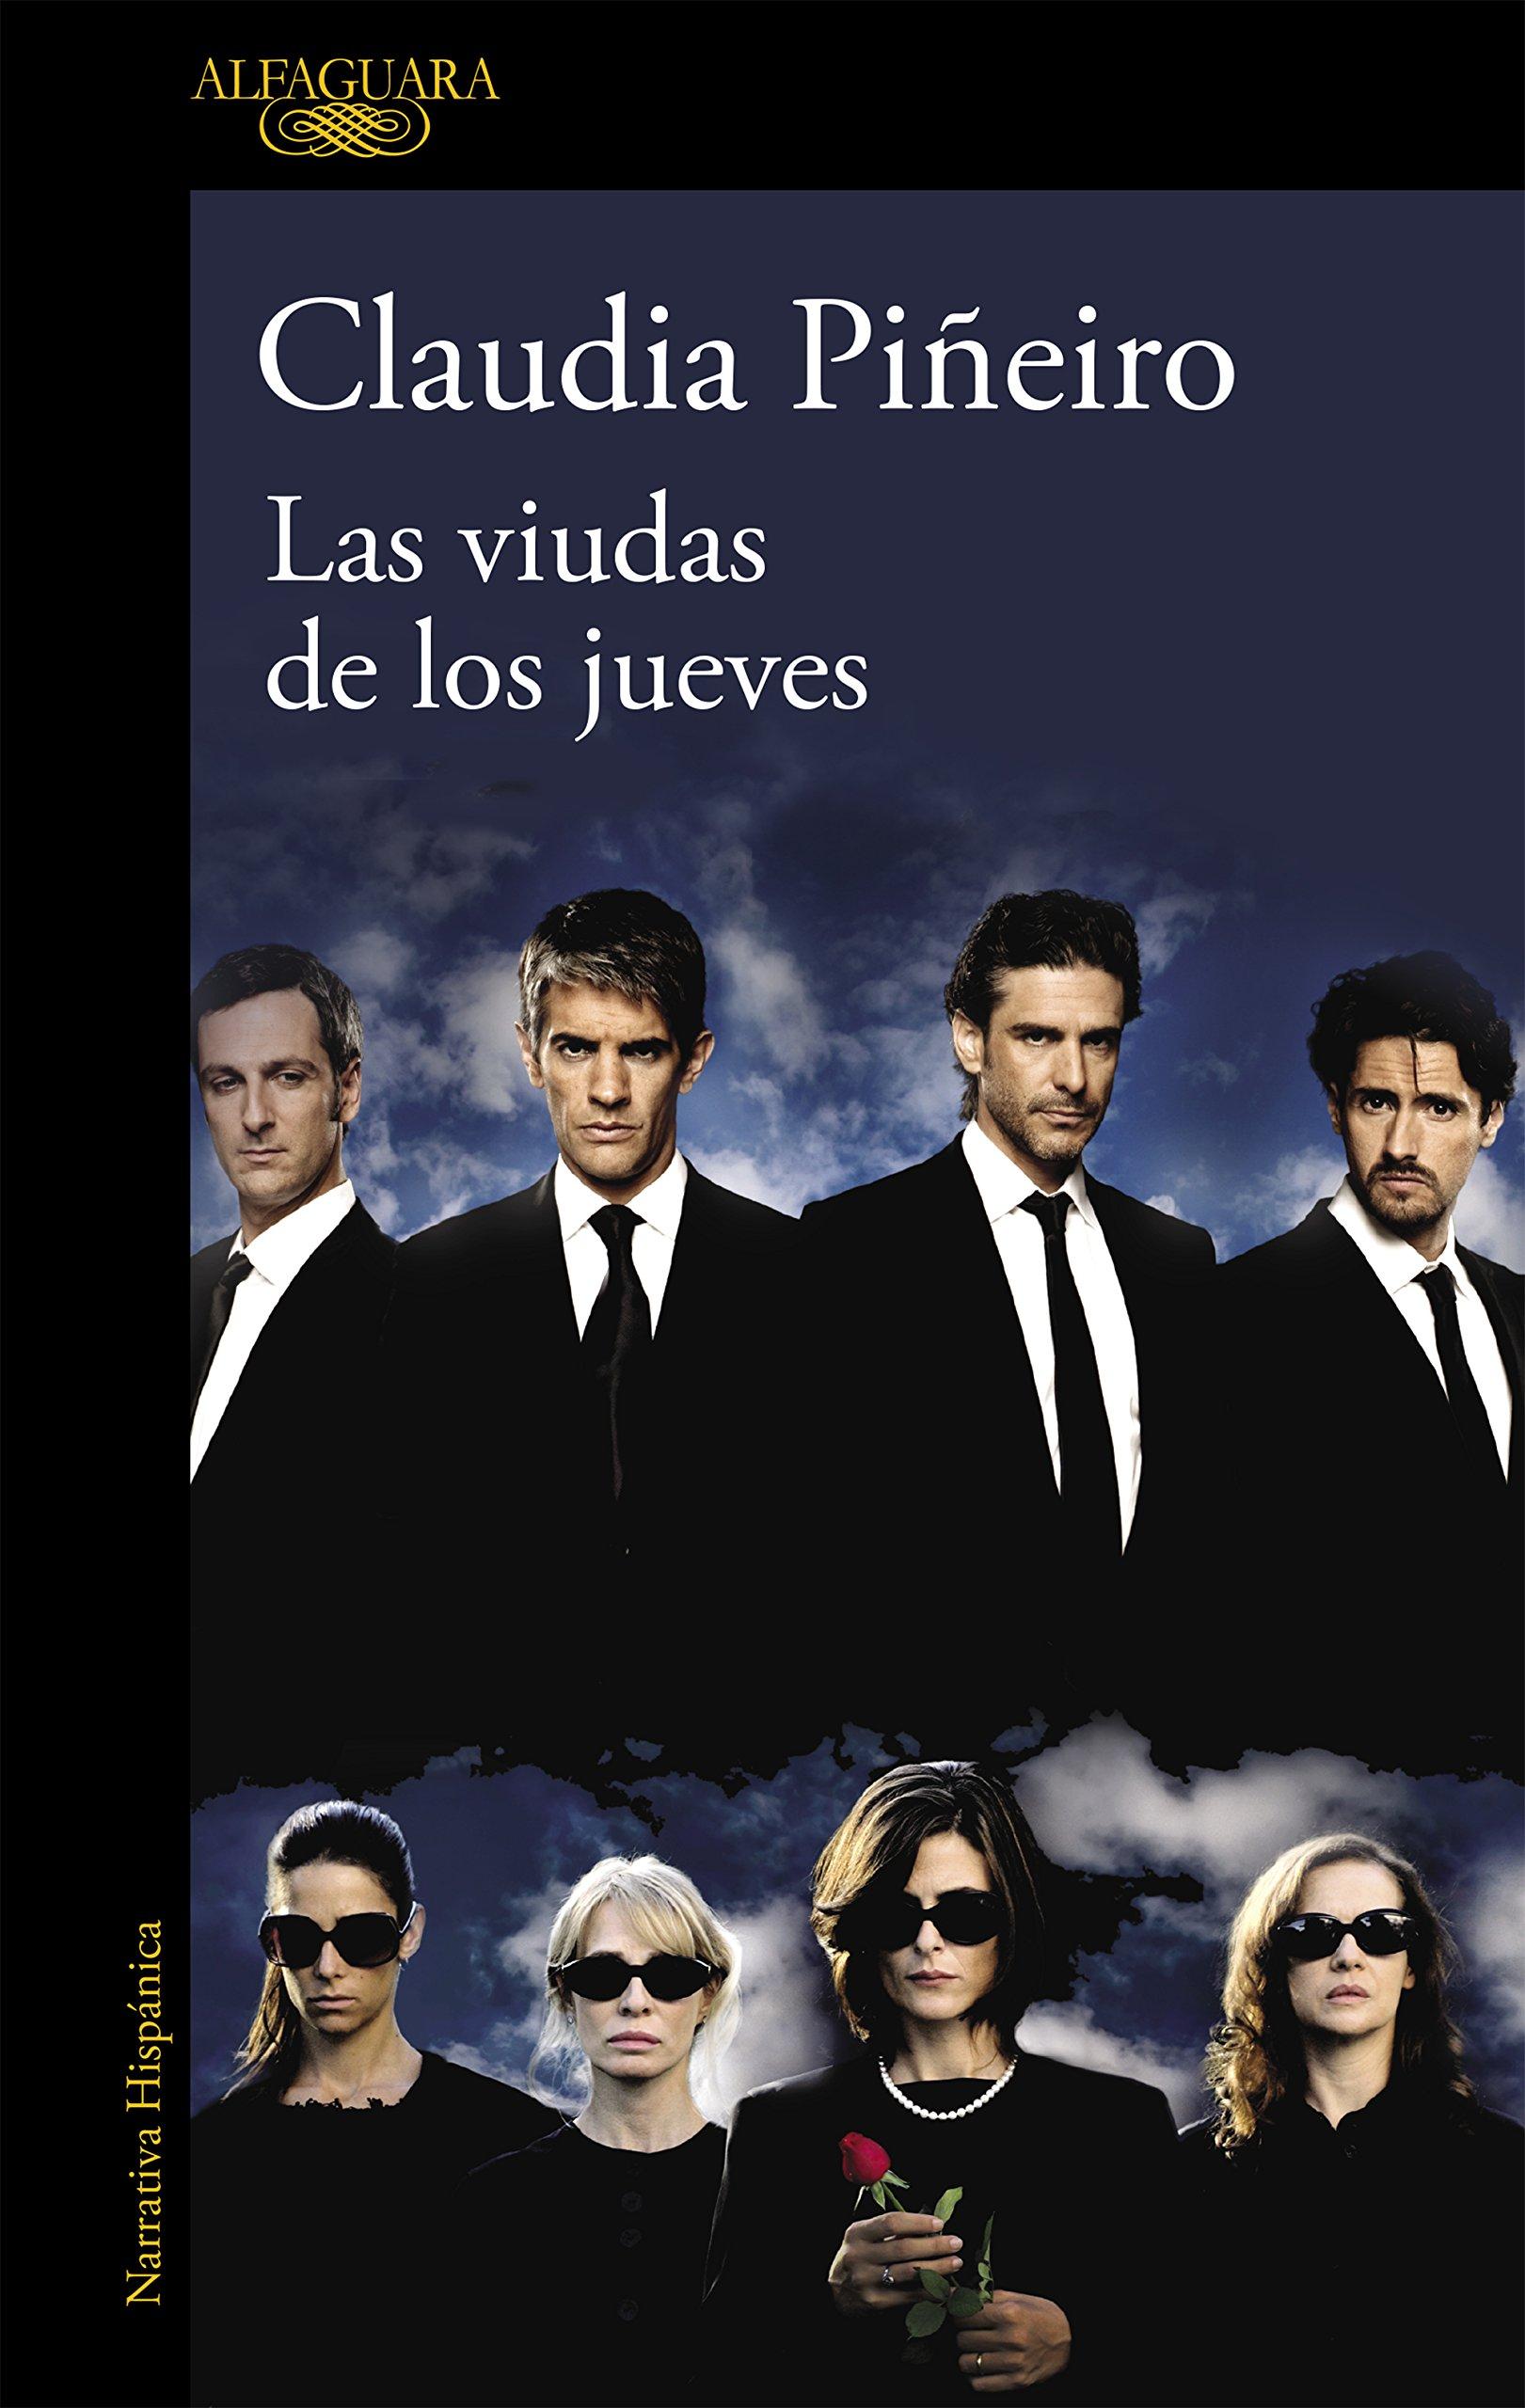 las-viudas-de-los-jueves-hispanica-band-717031